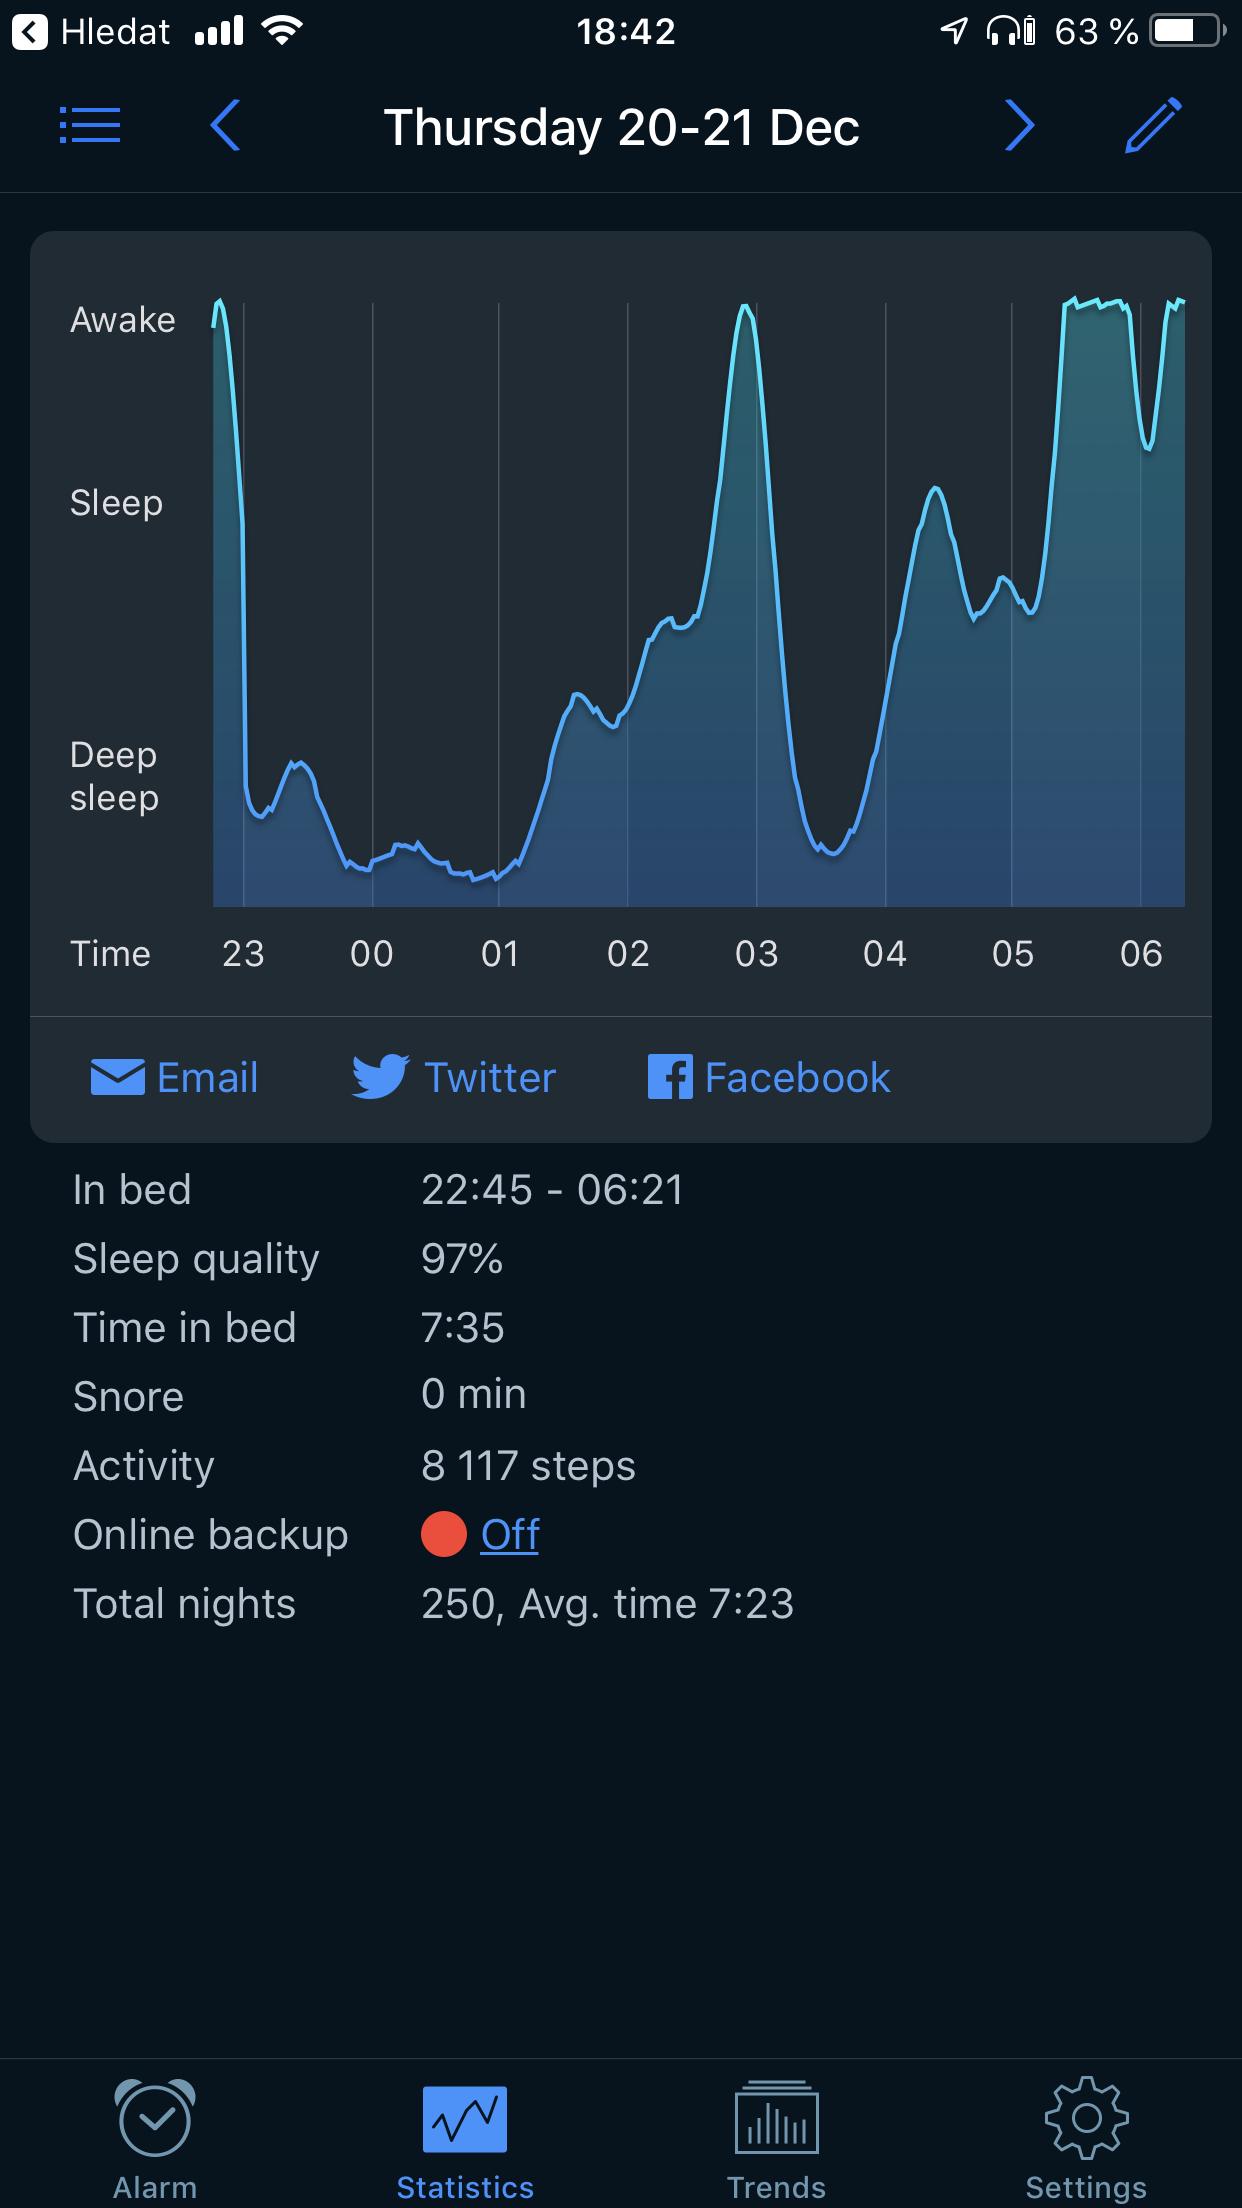 $Zaručení$ hekři Vám řeknou, že je to aplikace k ničemu. Měřím spánek několik let, spoustu gadgetů vyzkoušeno, úprava ložnice, stravy, celkově složení aktivit během dne, návštěvy spánkové laboratoře, učím se od nejlepších si vychytat předspánkovou rutinu. Hlavní výhoda je smart budík. Snaží se Tě vzbudit ve fázi, kde se probereš fresh. Znáte ten pocit? ps: celkově odměřeno přes jeden tisíc nocí. -